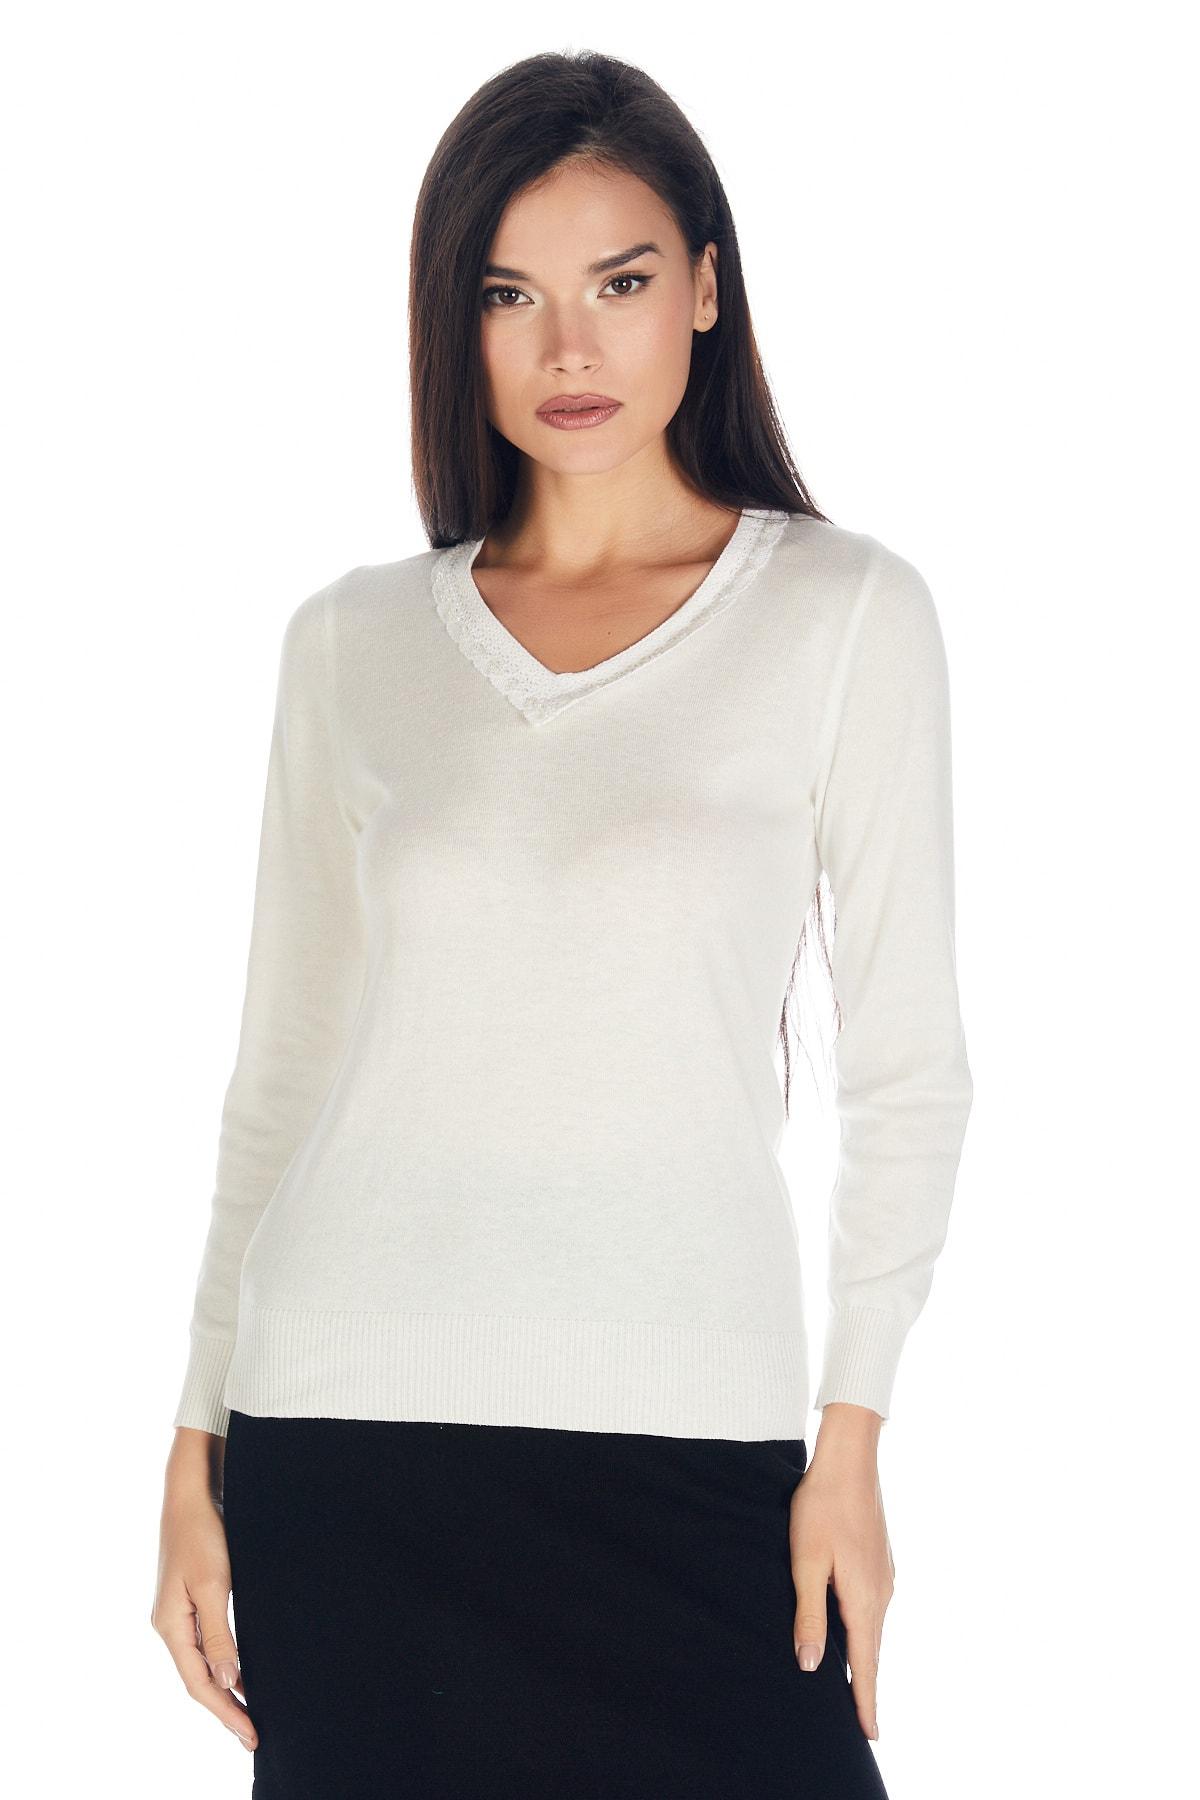 Solo Triko Kadın Ecru V Yaka Dantel Detaylı Viskoz Bluz Uzun Kol 1